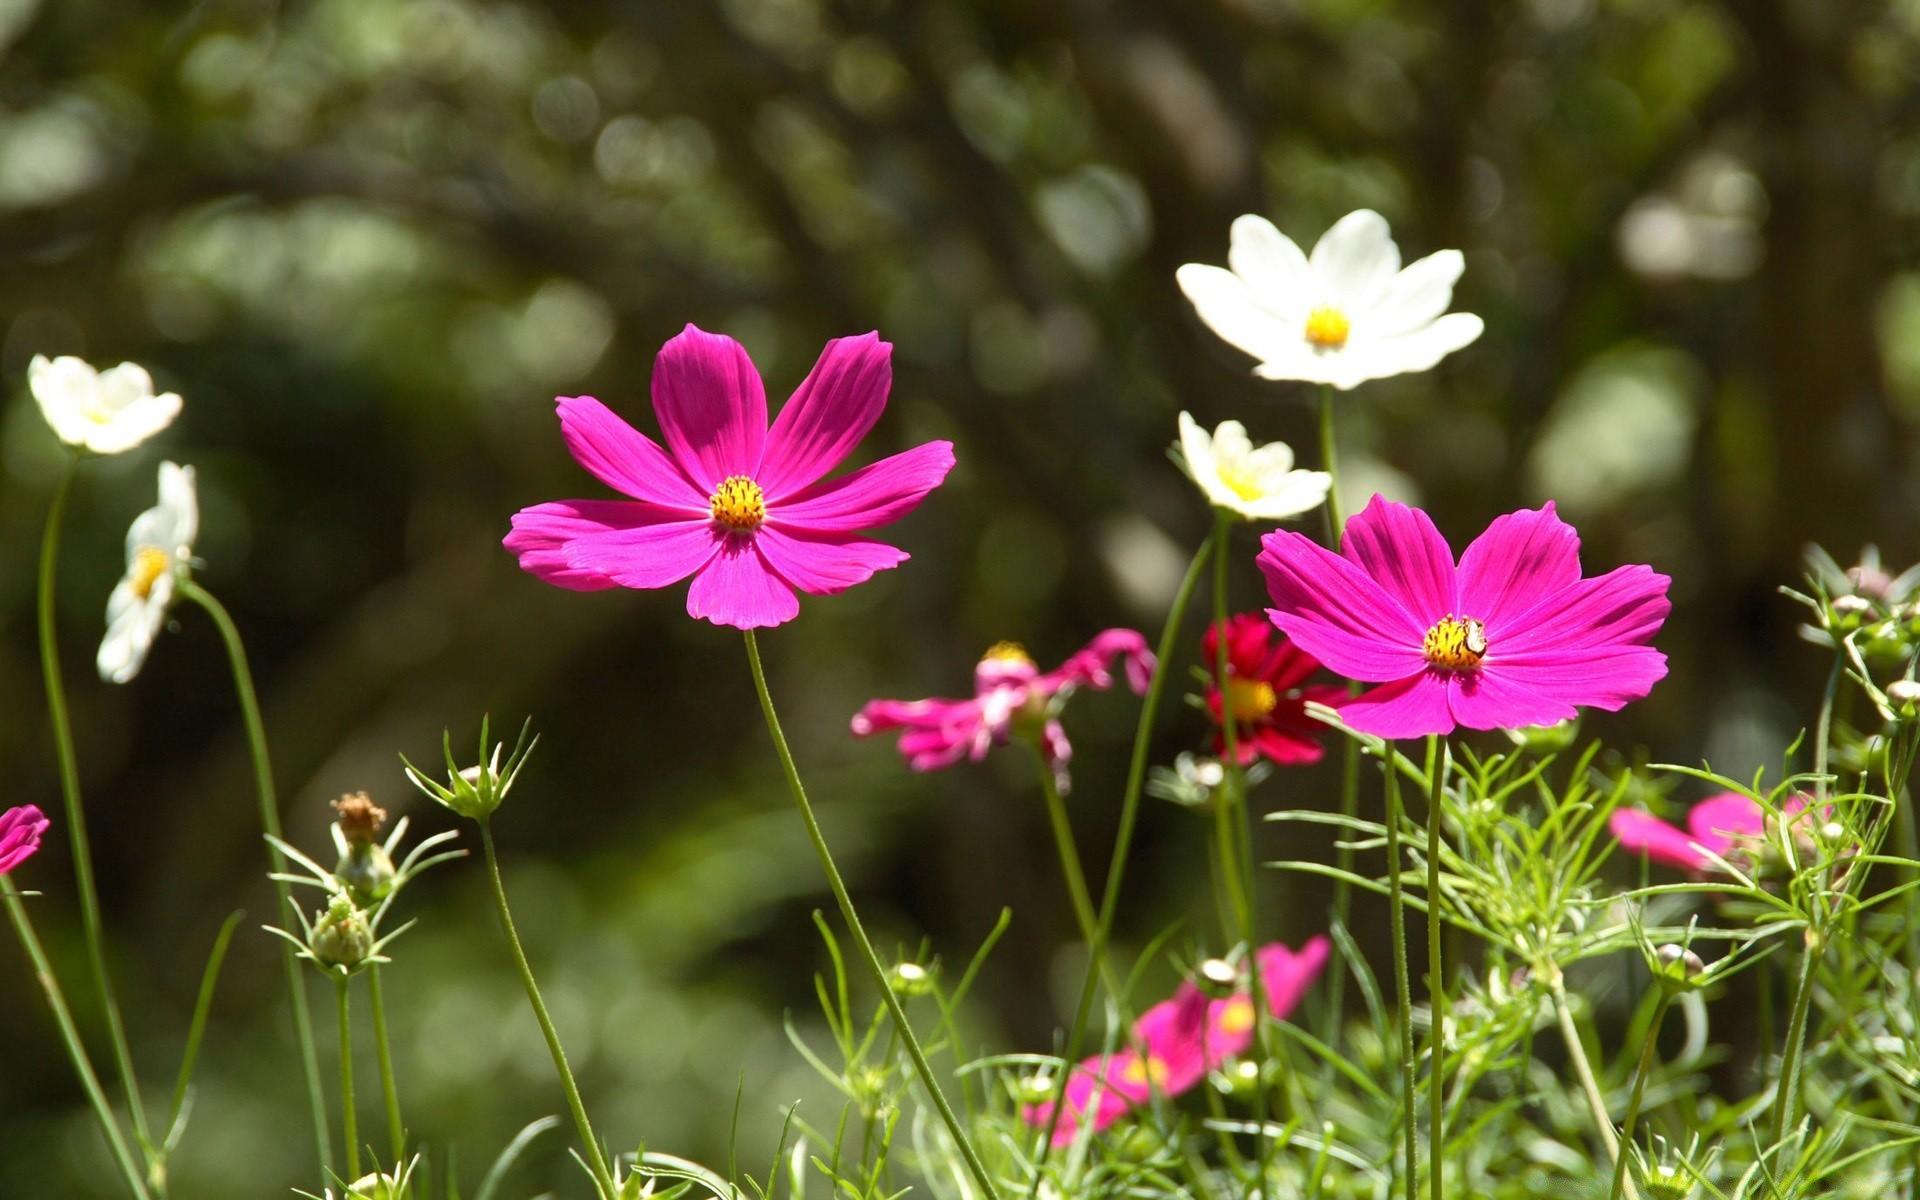 Цветы - обои на телефон бесплатно.  Обои на Телефон Цветы